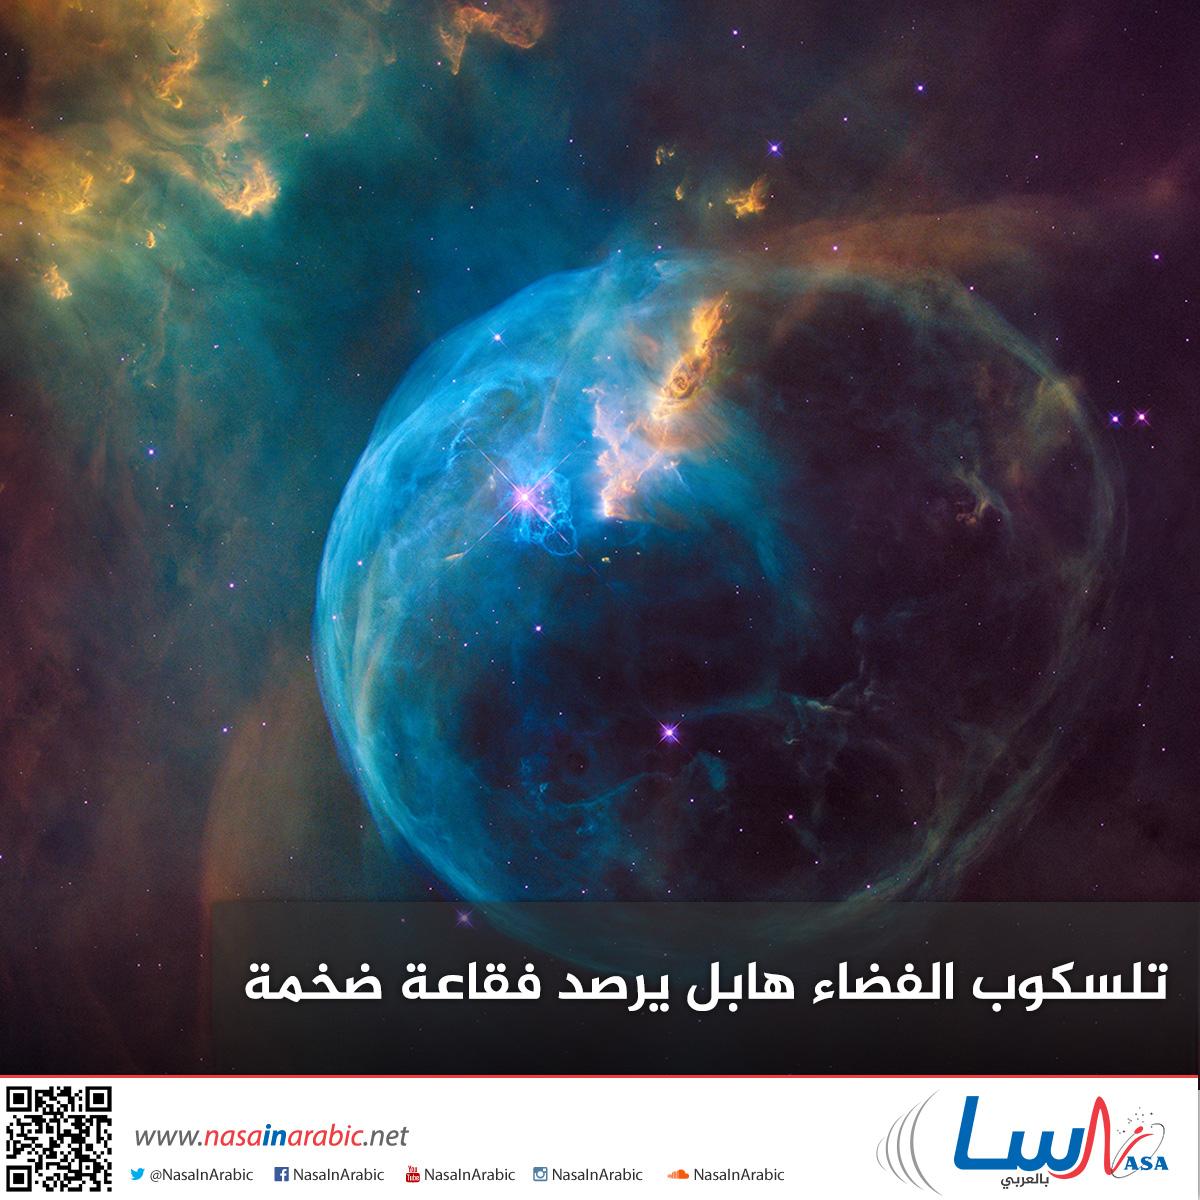 تلسكوب الفضاء هابل يرصد فقاعة ضخمة